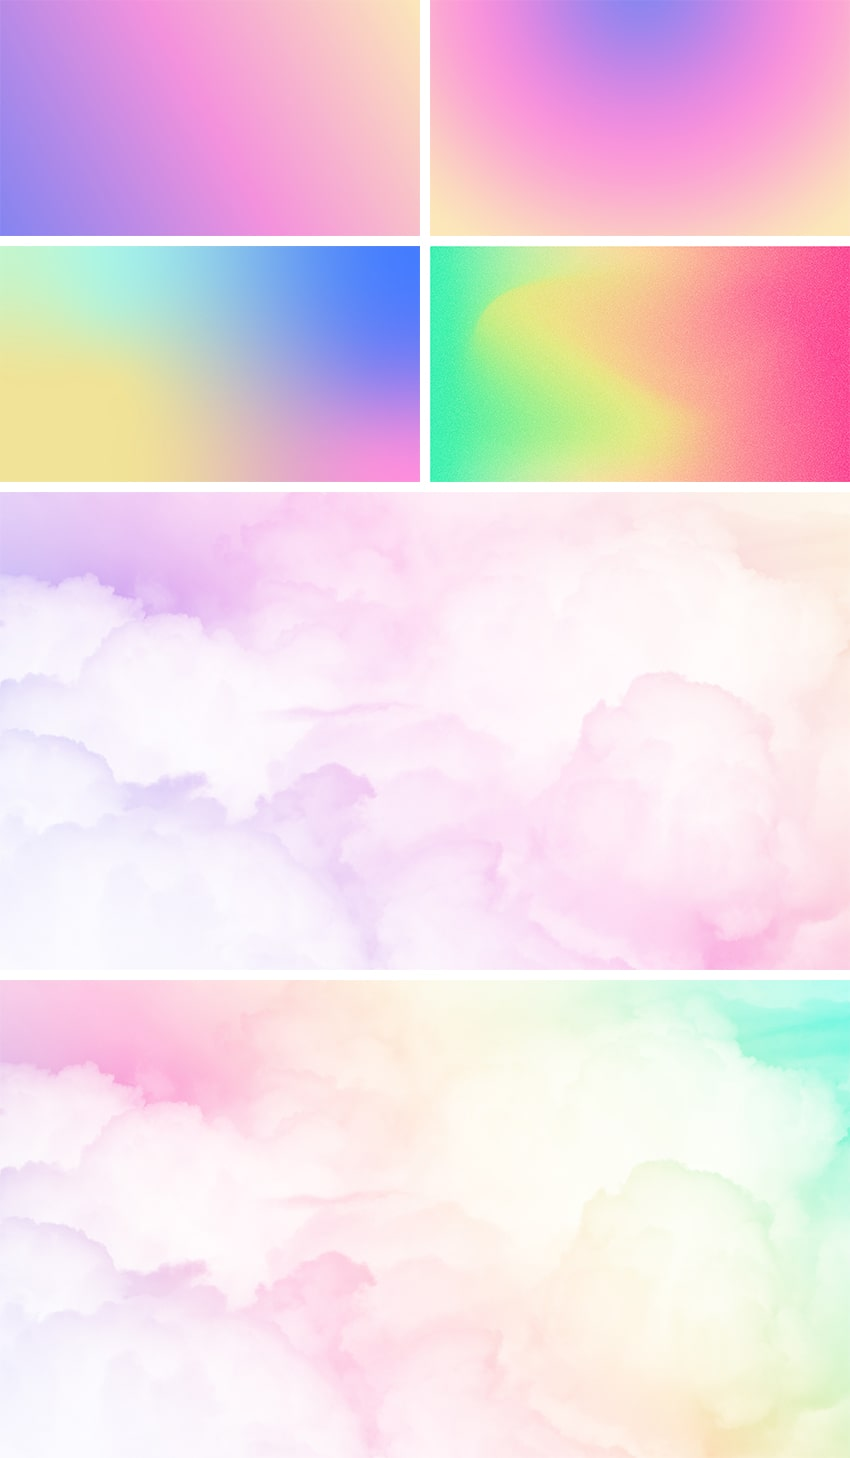 pastel gradient background